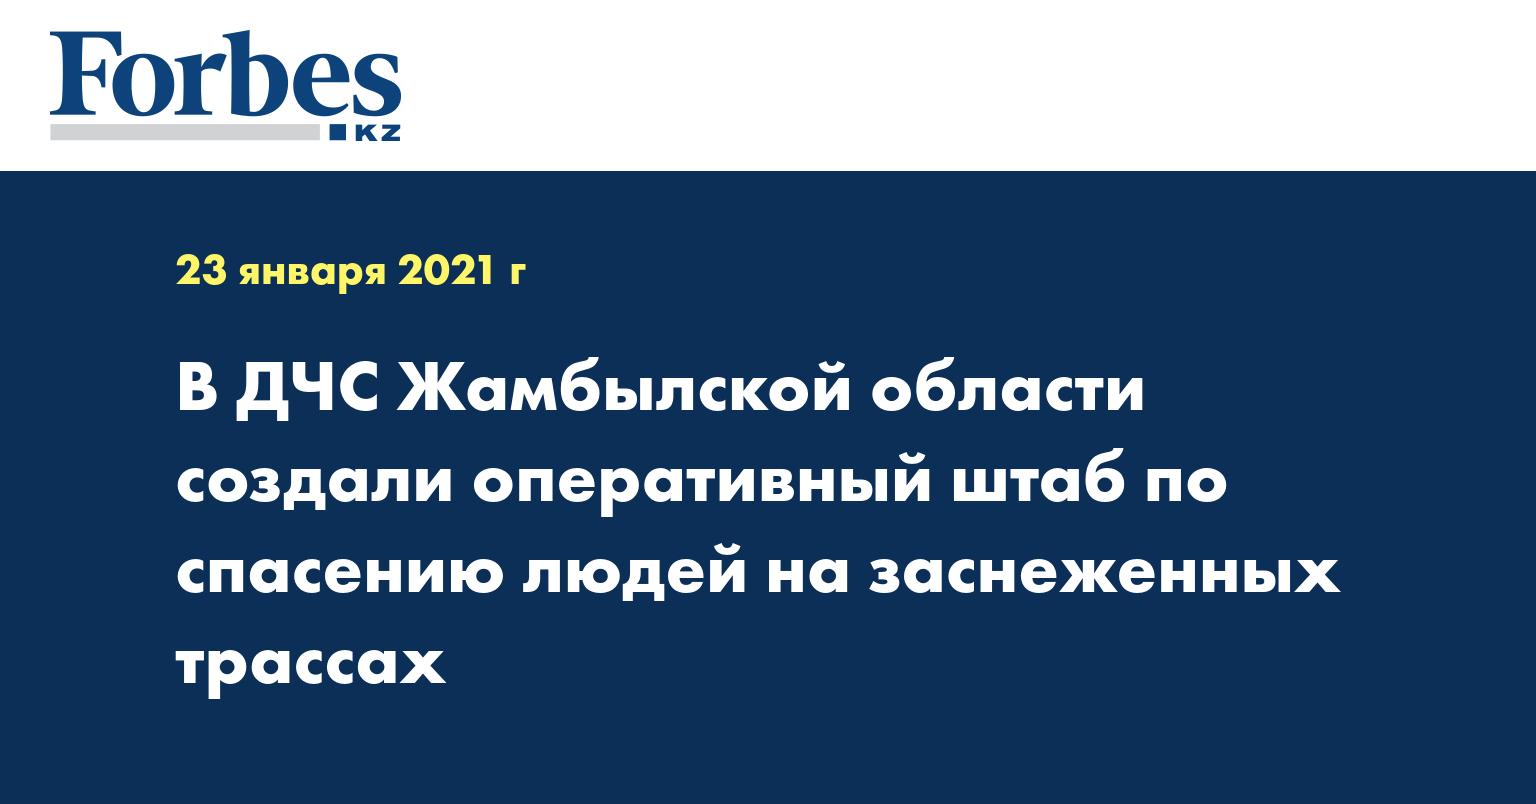 В ДЧС Жамбылской области создали оперативный штаб по спасению людей на заснеженных трассах